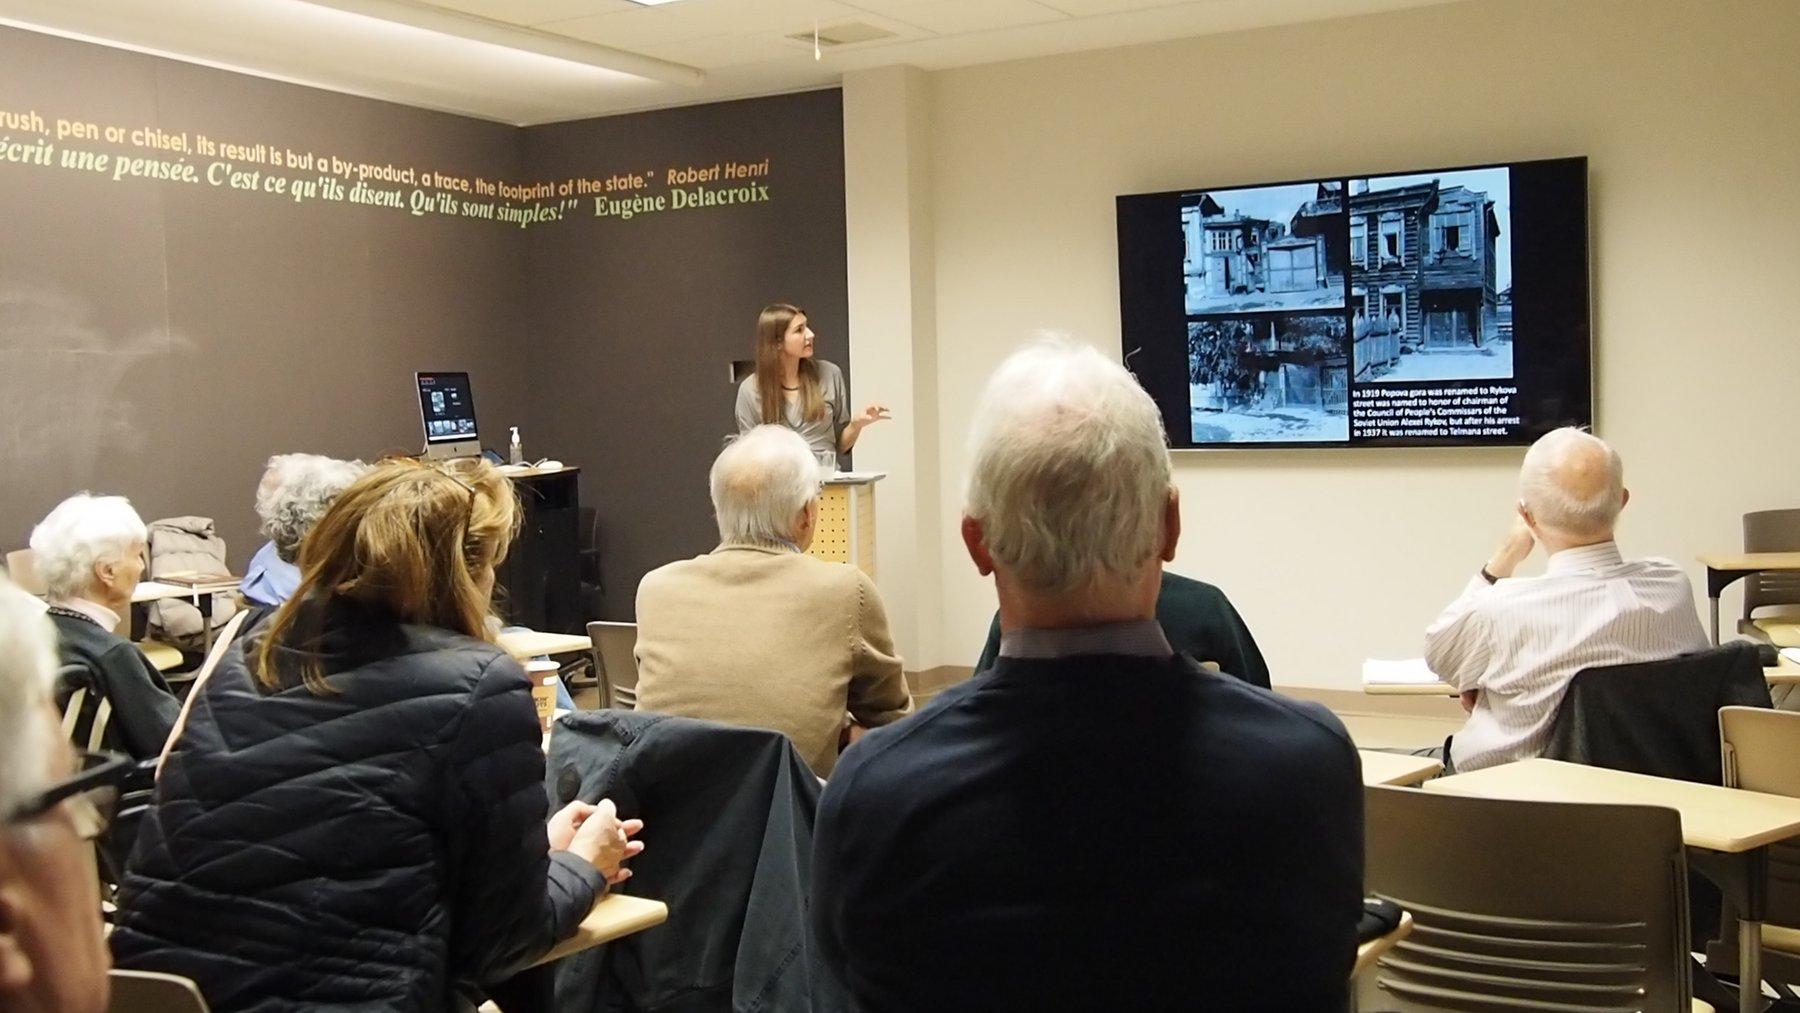 Ramina Abilova giving a presentation in a classroom